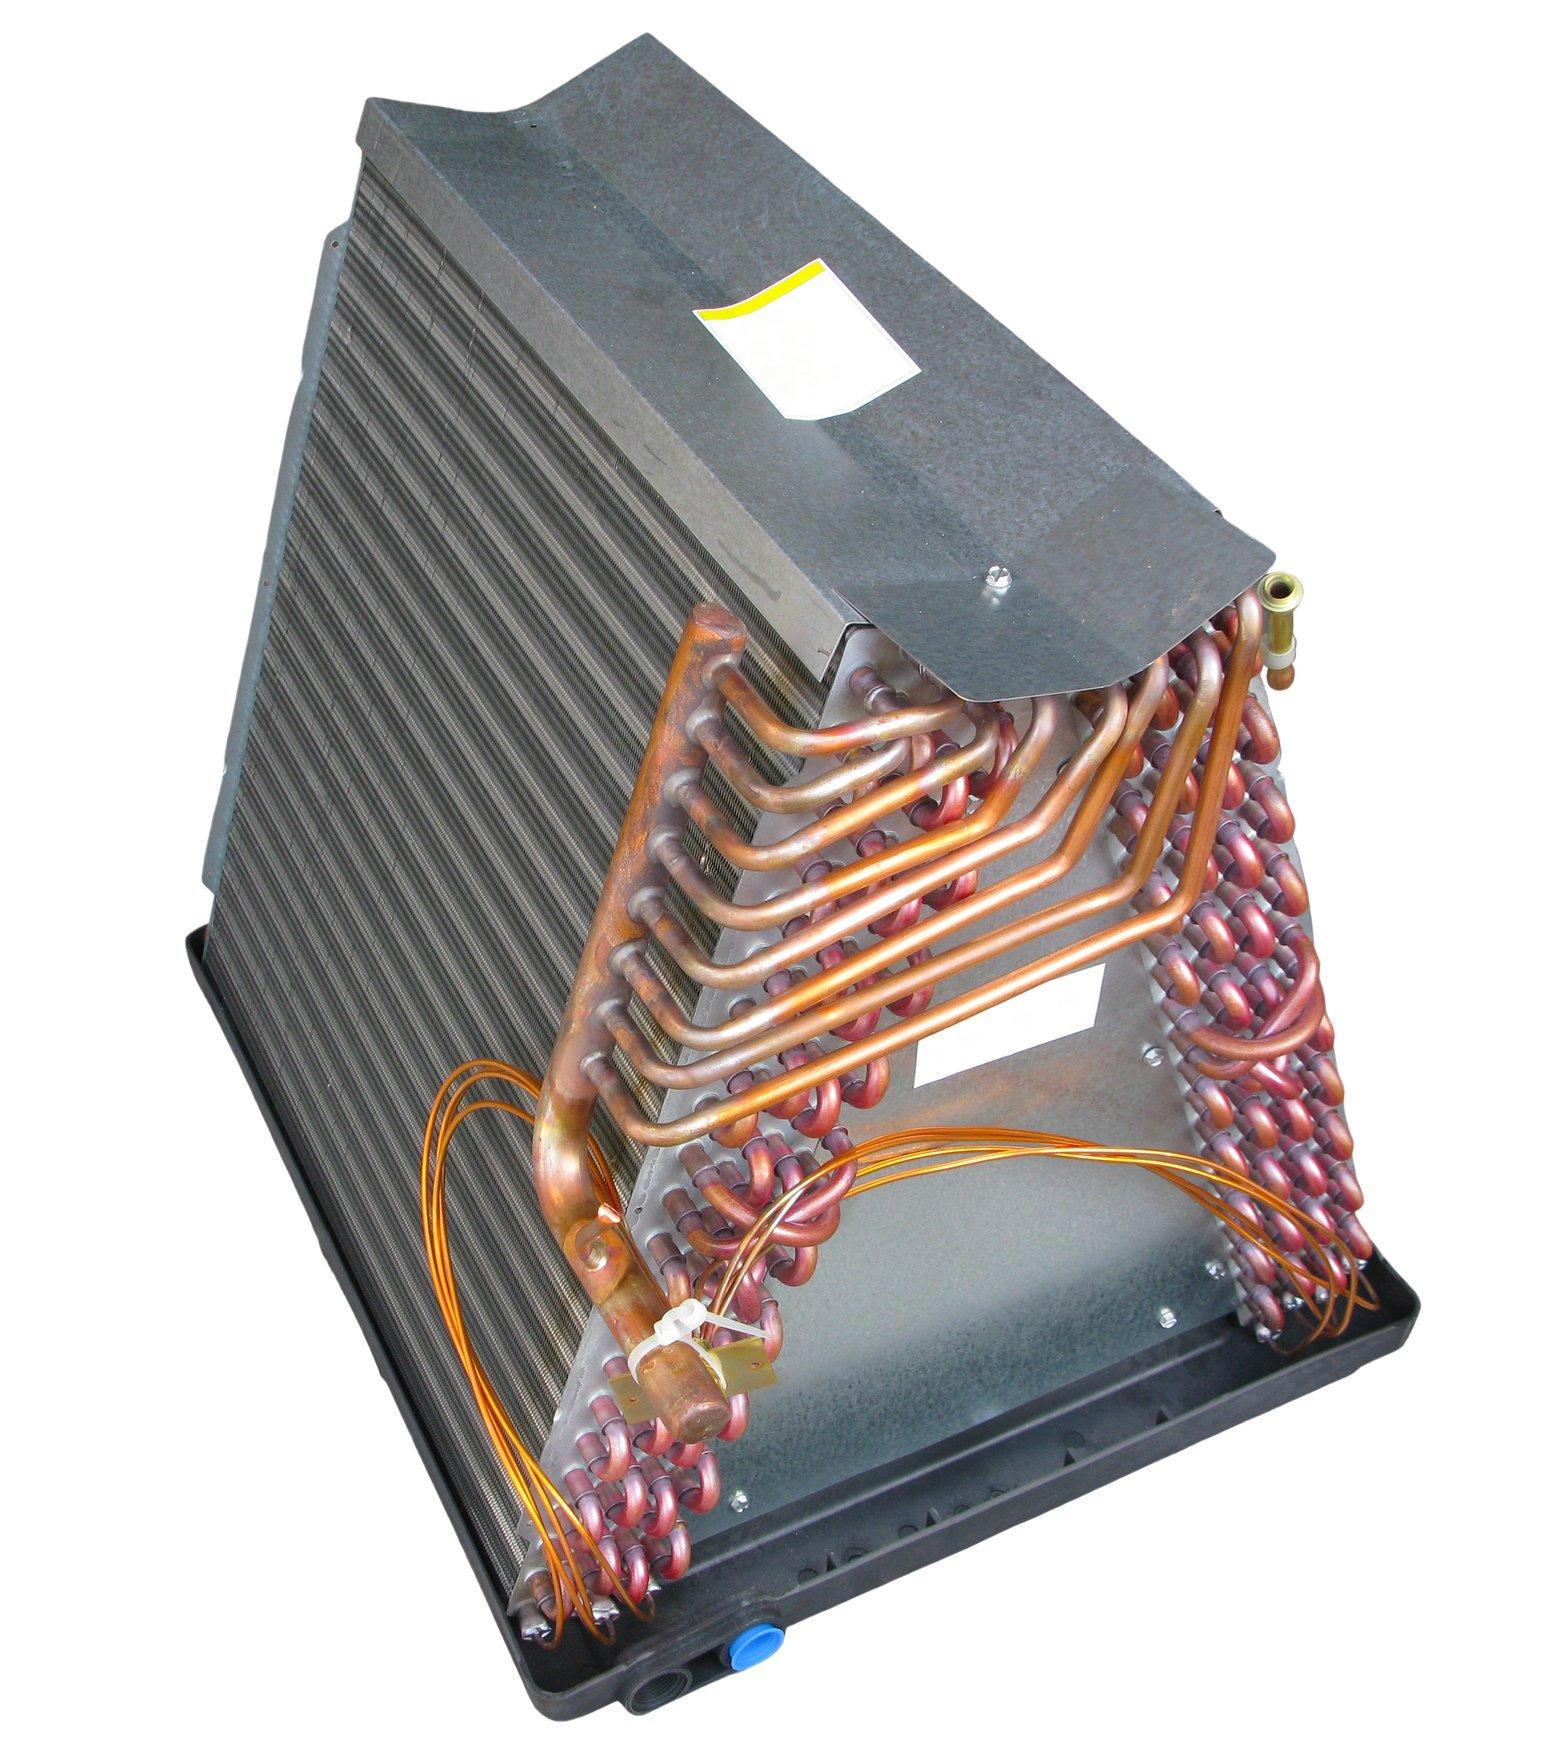 New ac evaporator coils